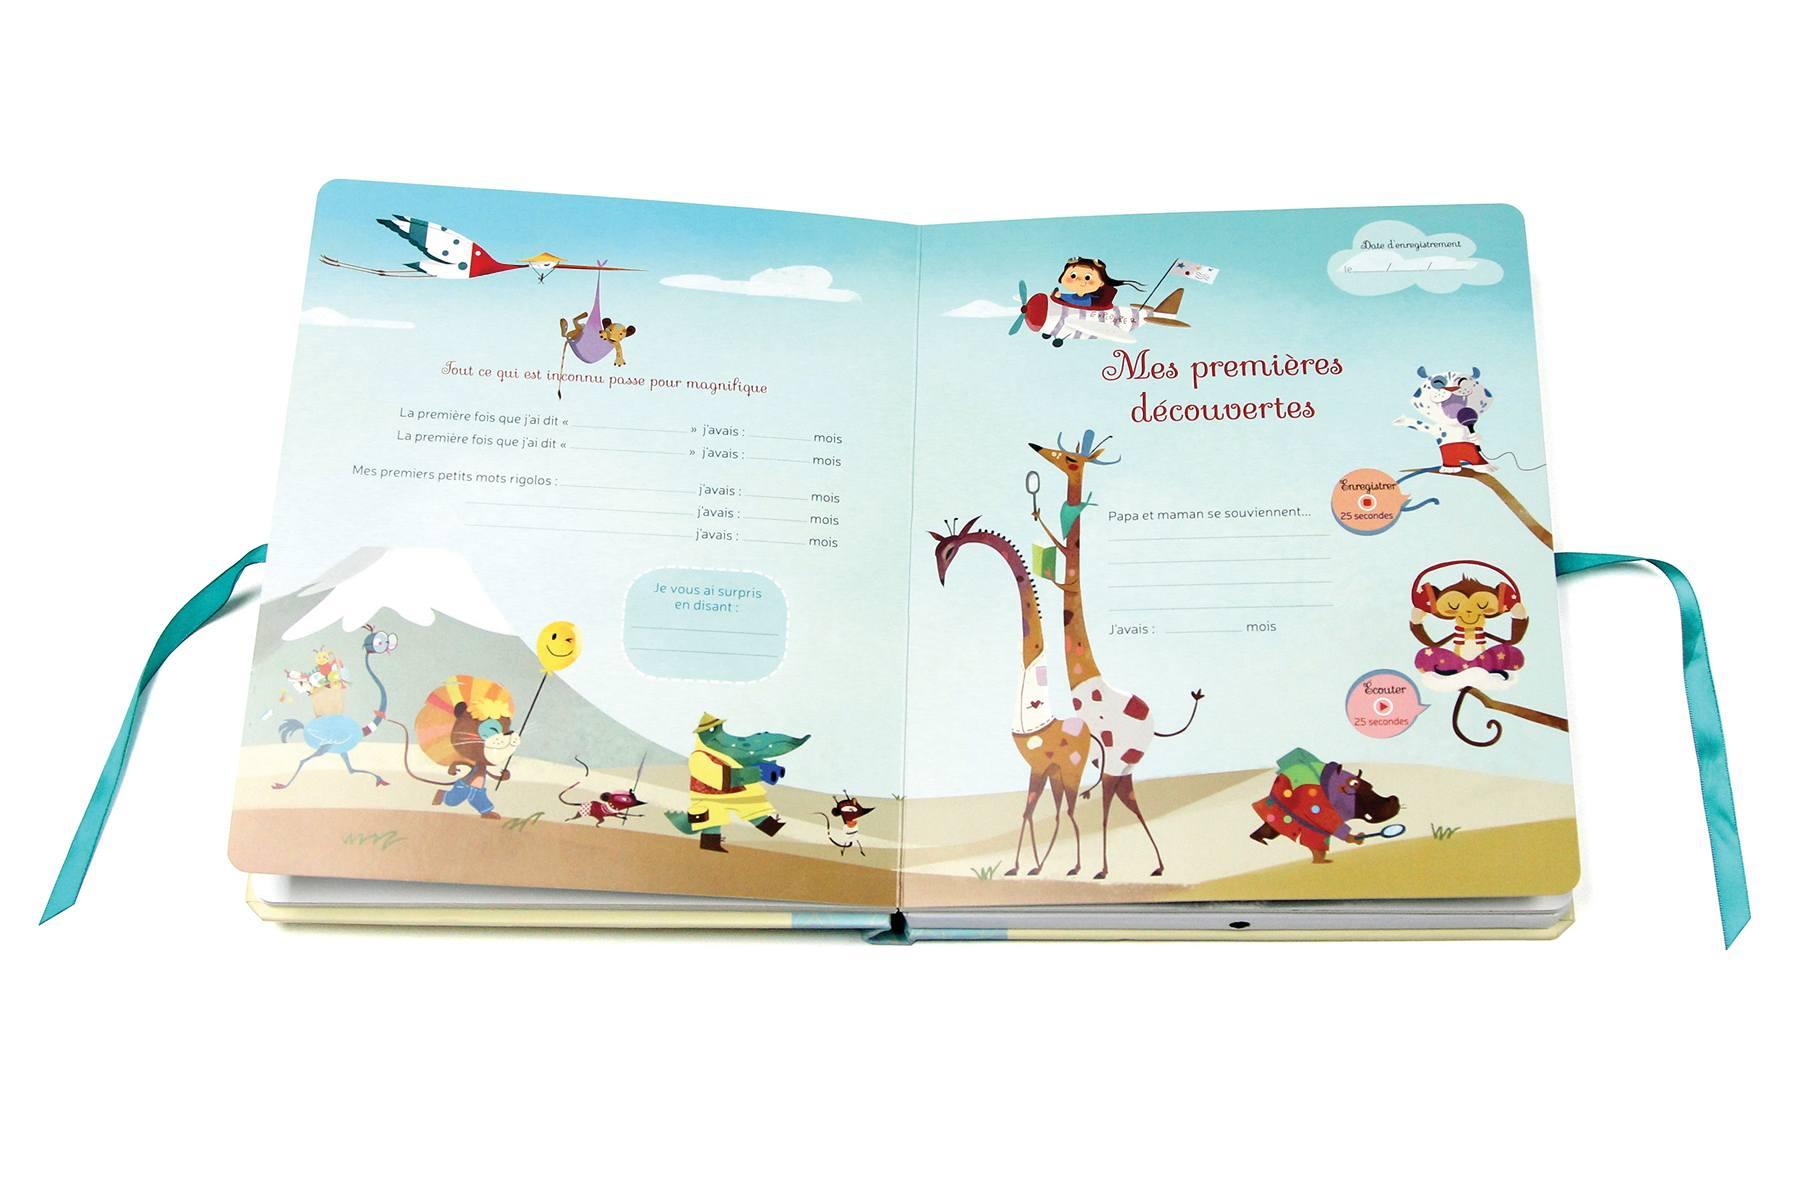 Starlite Sound Geräusche Buch Druck Print Button Interaktiv Interactive learning